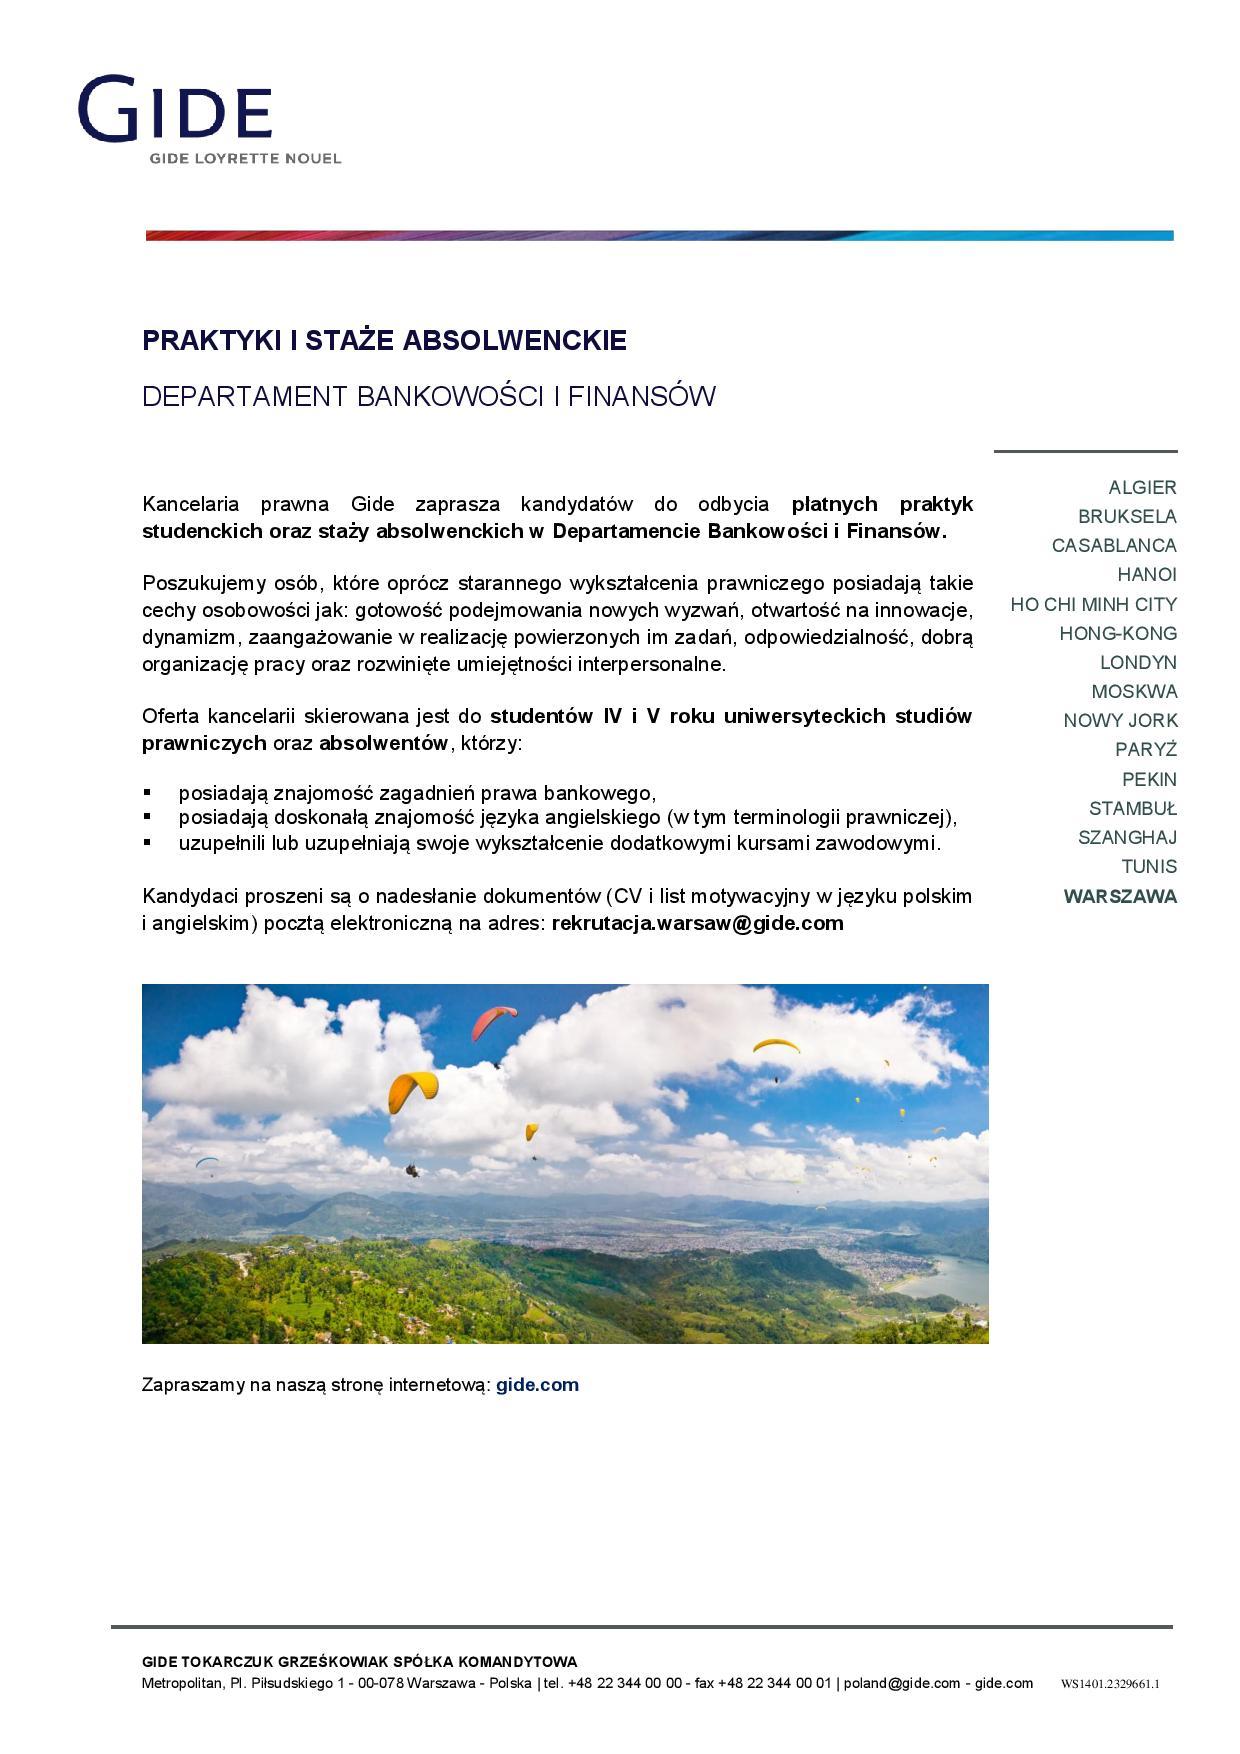 Communique_Gide_praktyki_Bankowsc i Finanse-page-001